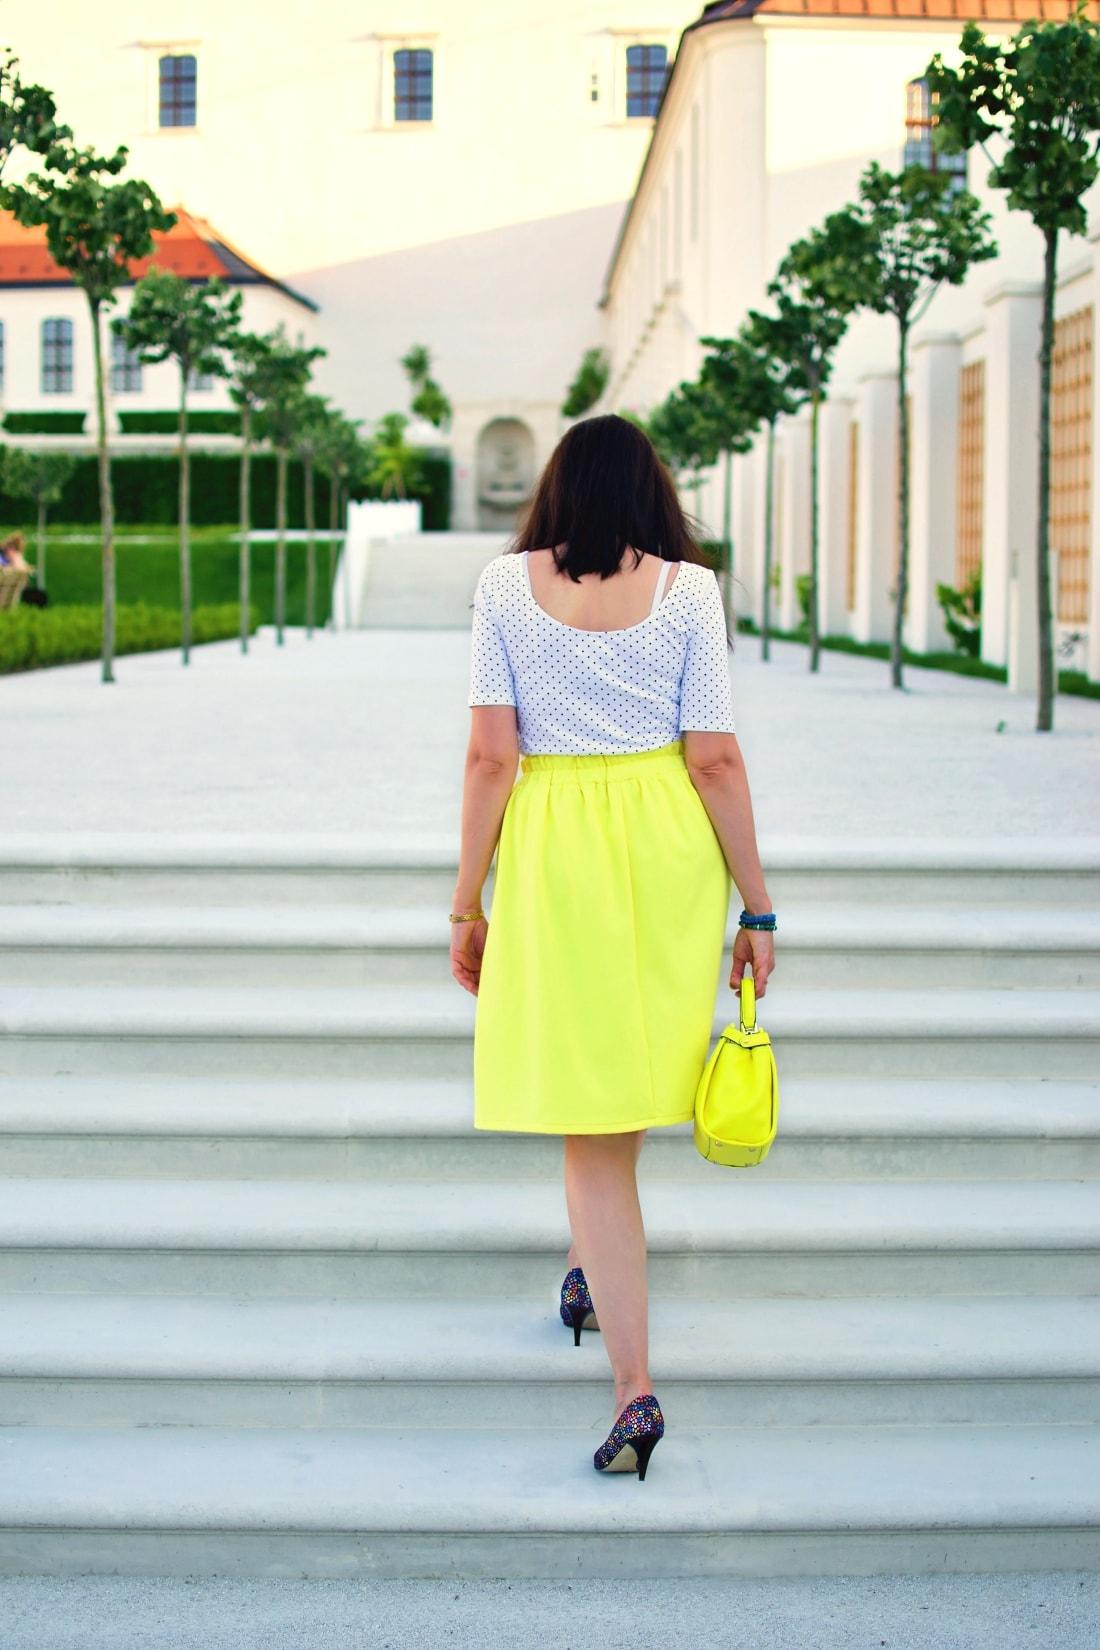 Vždy najlepšie_Katharine-fashion is beautiful blog 2_Dots_Bodky_Vzorované lodičky_Žltá sukňa_Katarína Jakubčová_Fashion blogger